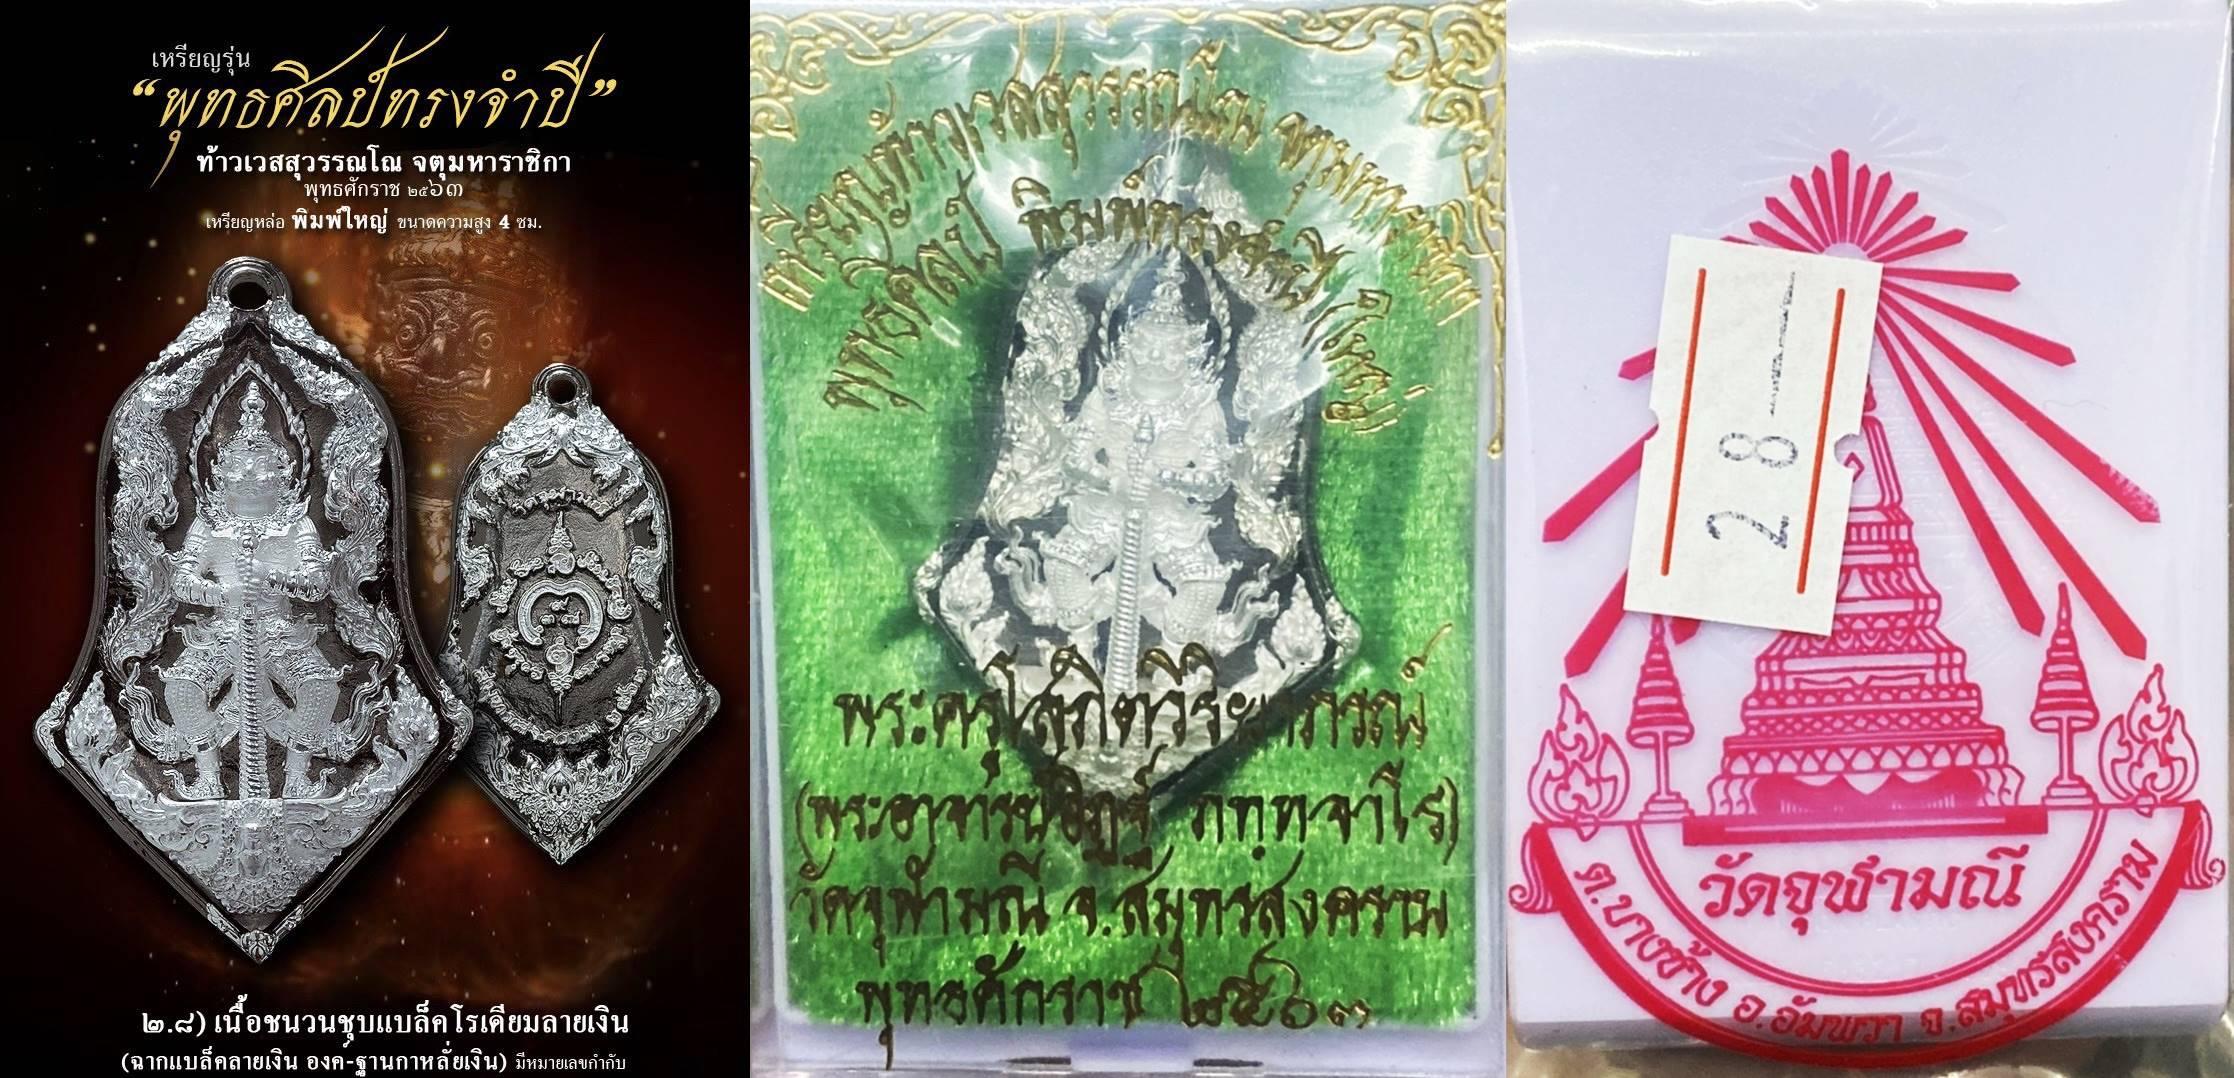 เหรียญหล่อท้าวเวสสุวรรณ รุ่นพุทธศิลป์ทรงจำปี เนื้อชนวนชุบแบล็คโรเดียม หลวงพ่ออิฏฐ์ วัดจุฬามณี 2563